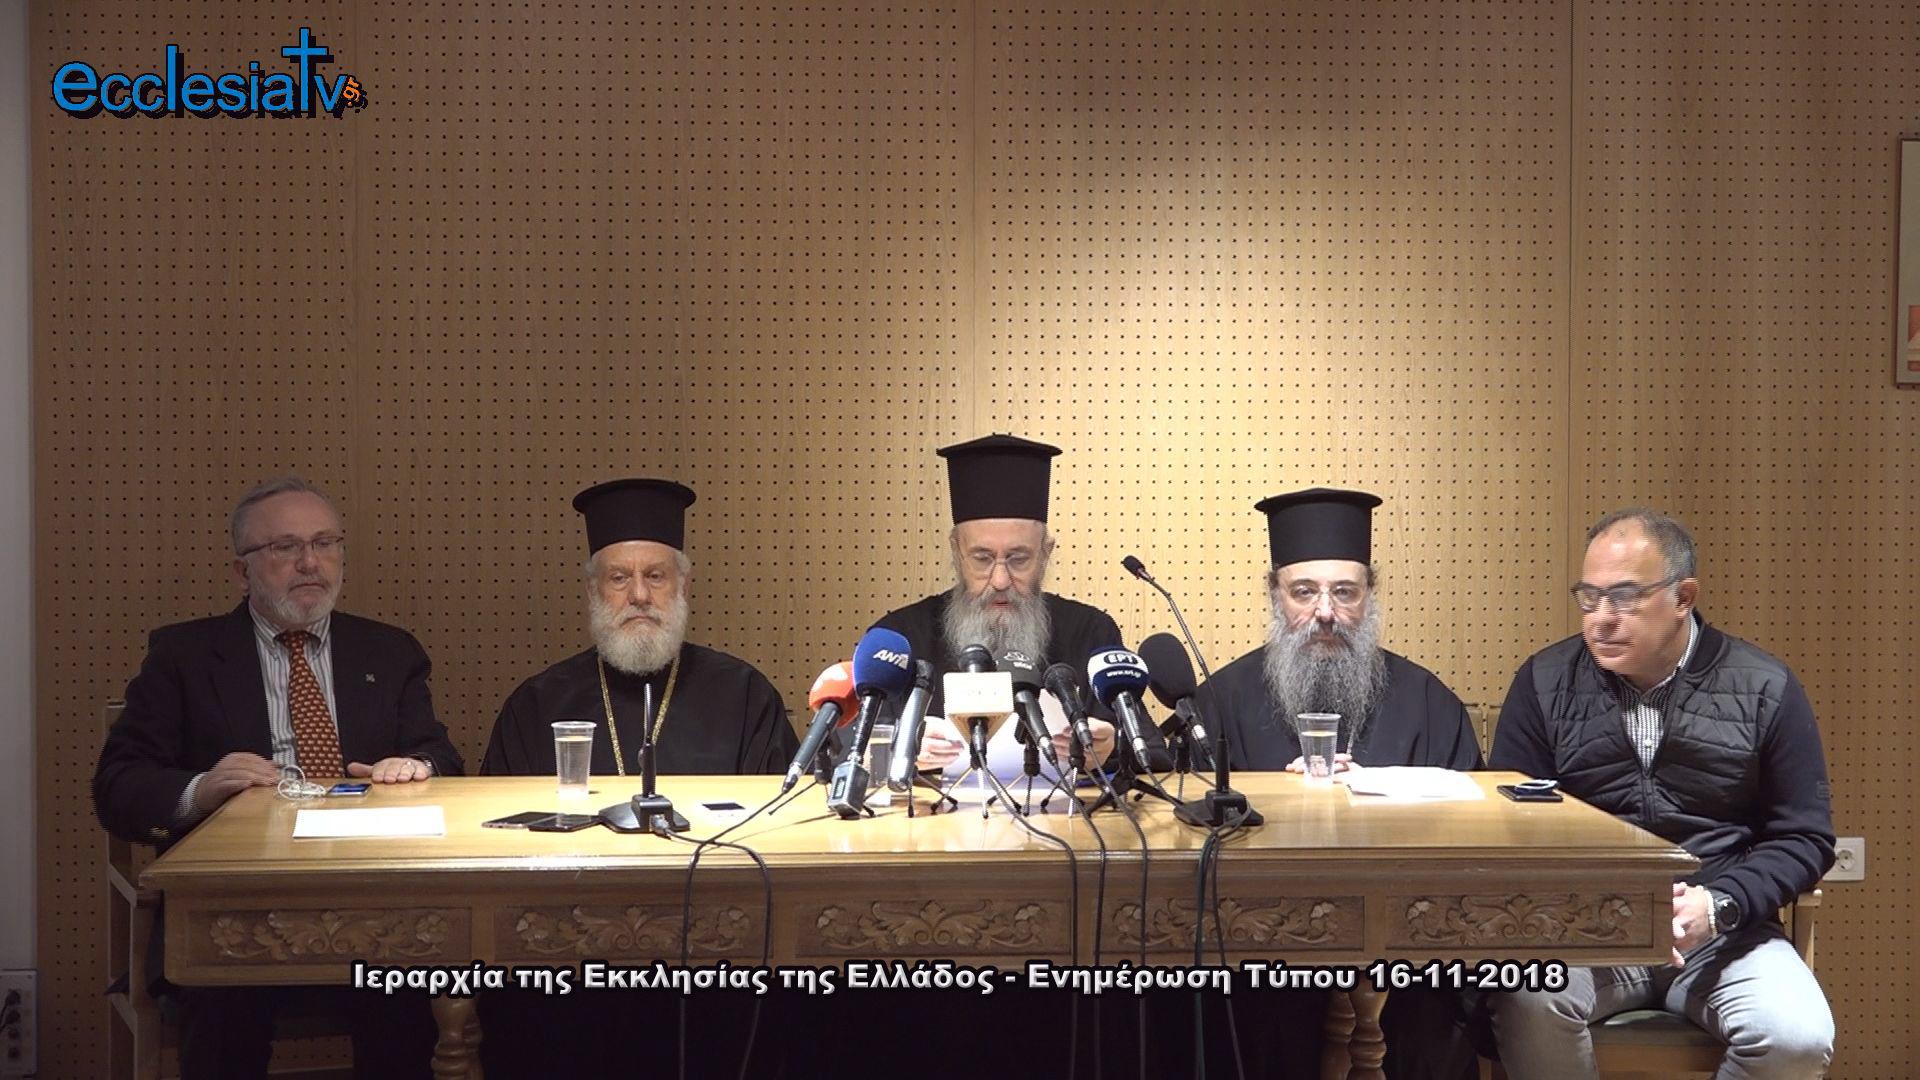 Ιεραρχία της Εκκλησίας της Ελλάδος - Ενημέρωση Τύπου 16-11-2018